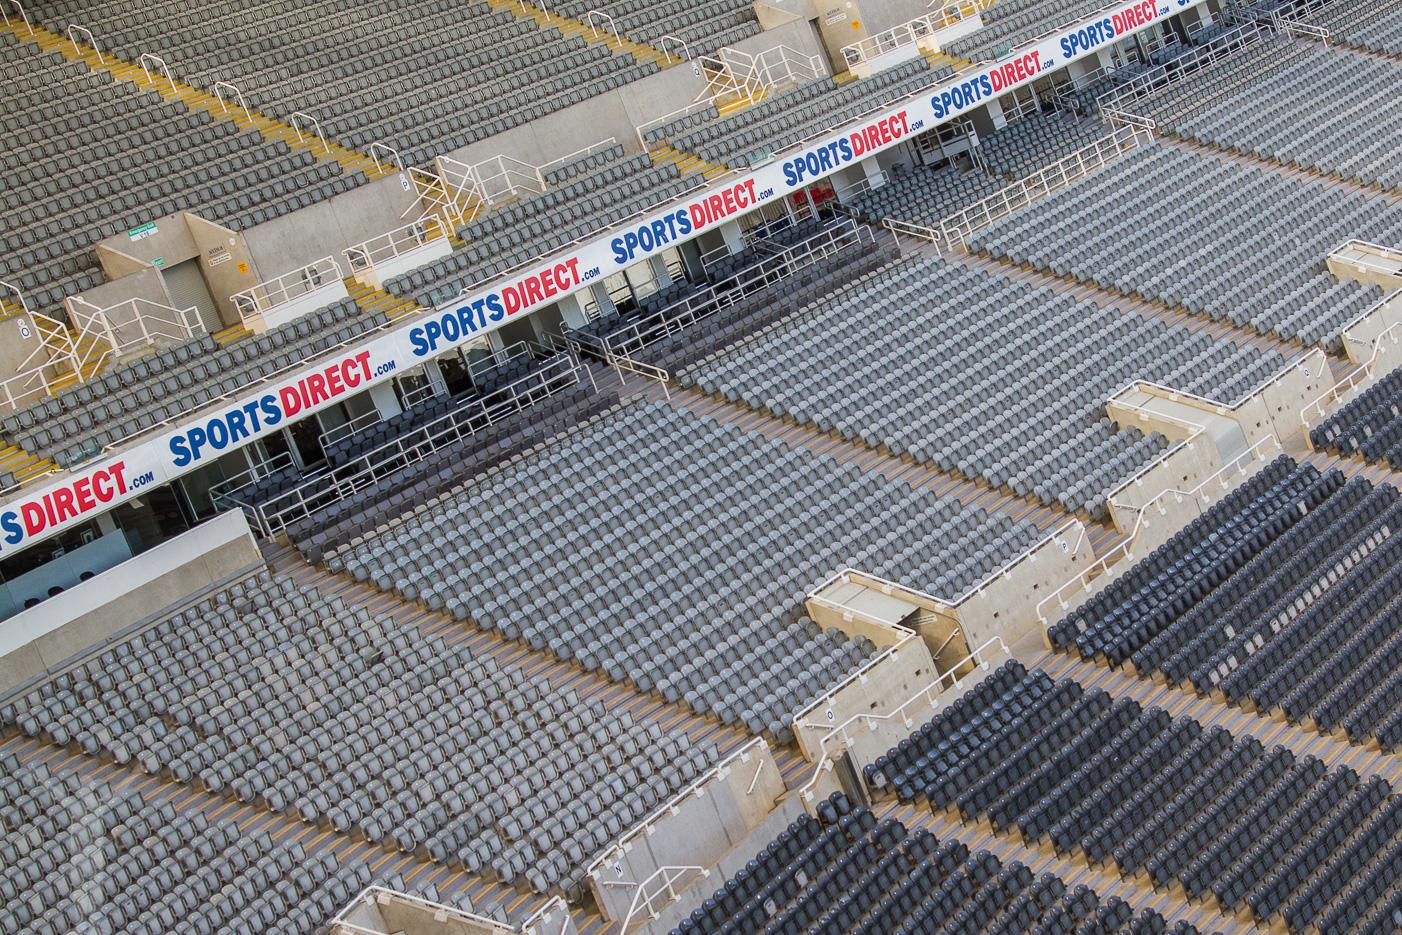 Sittplatser på St James' Park